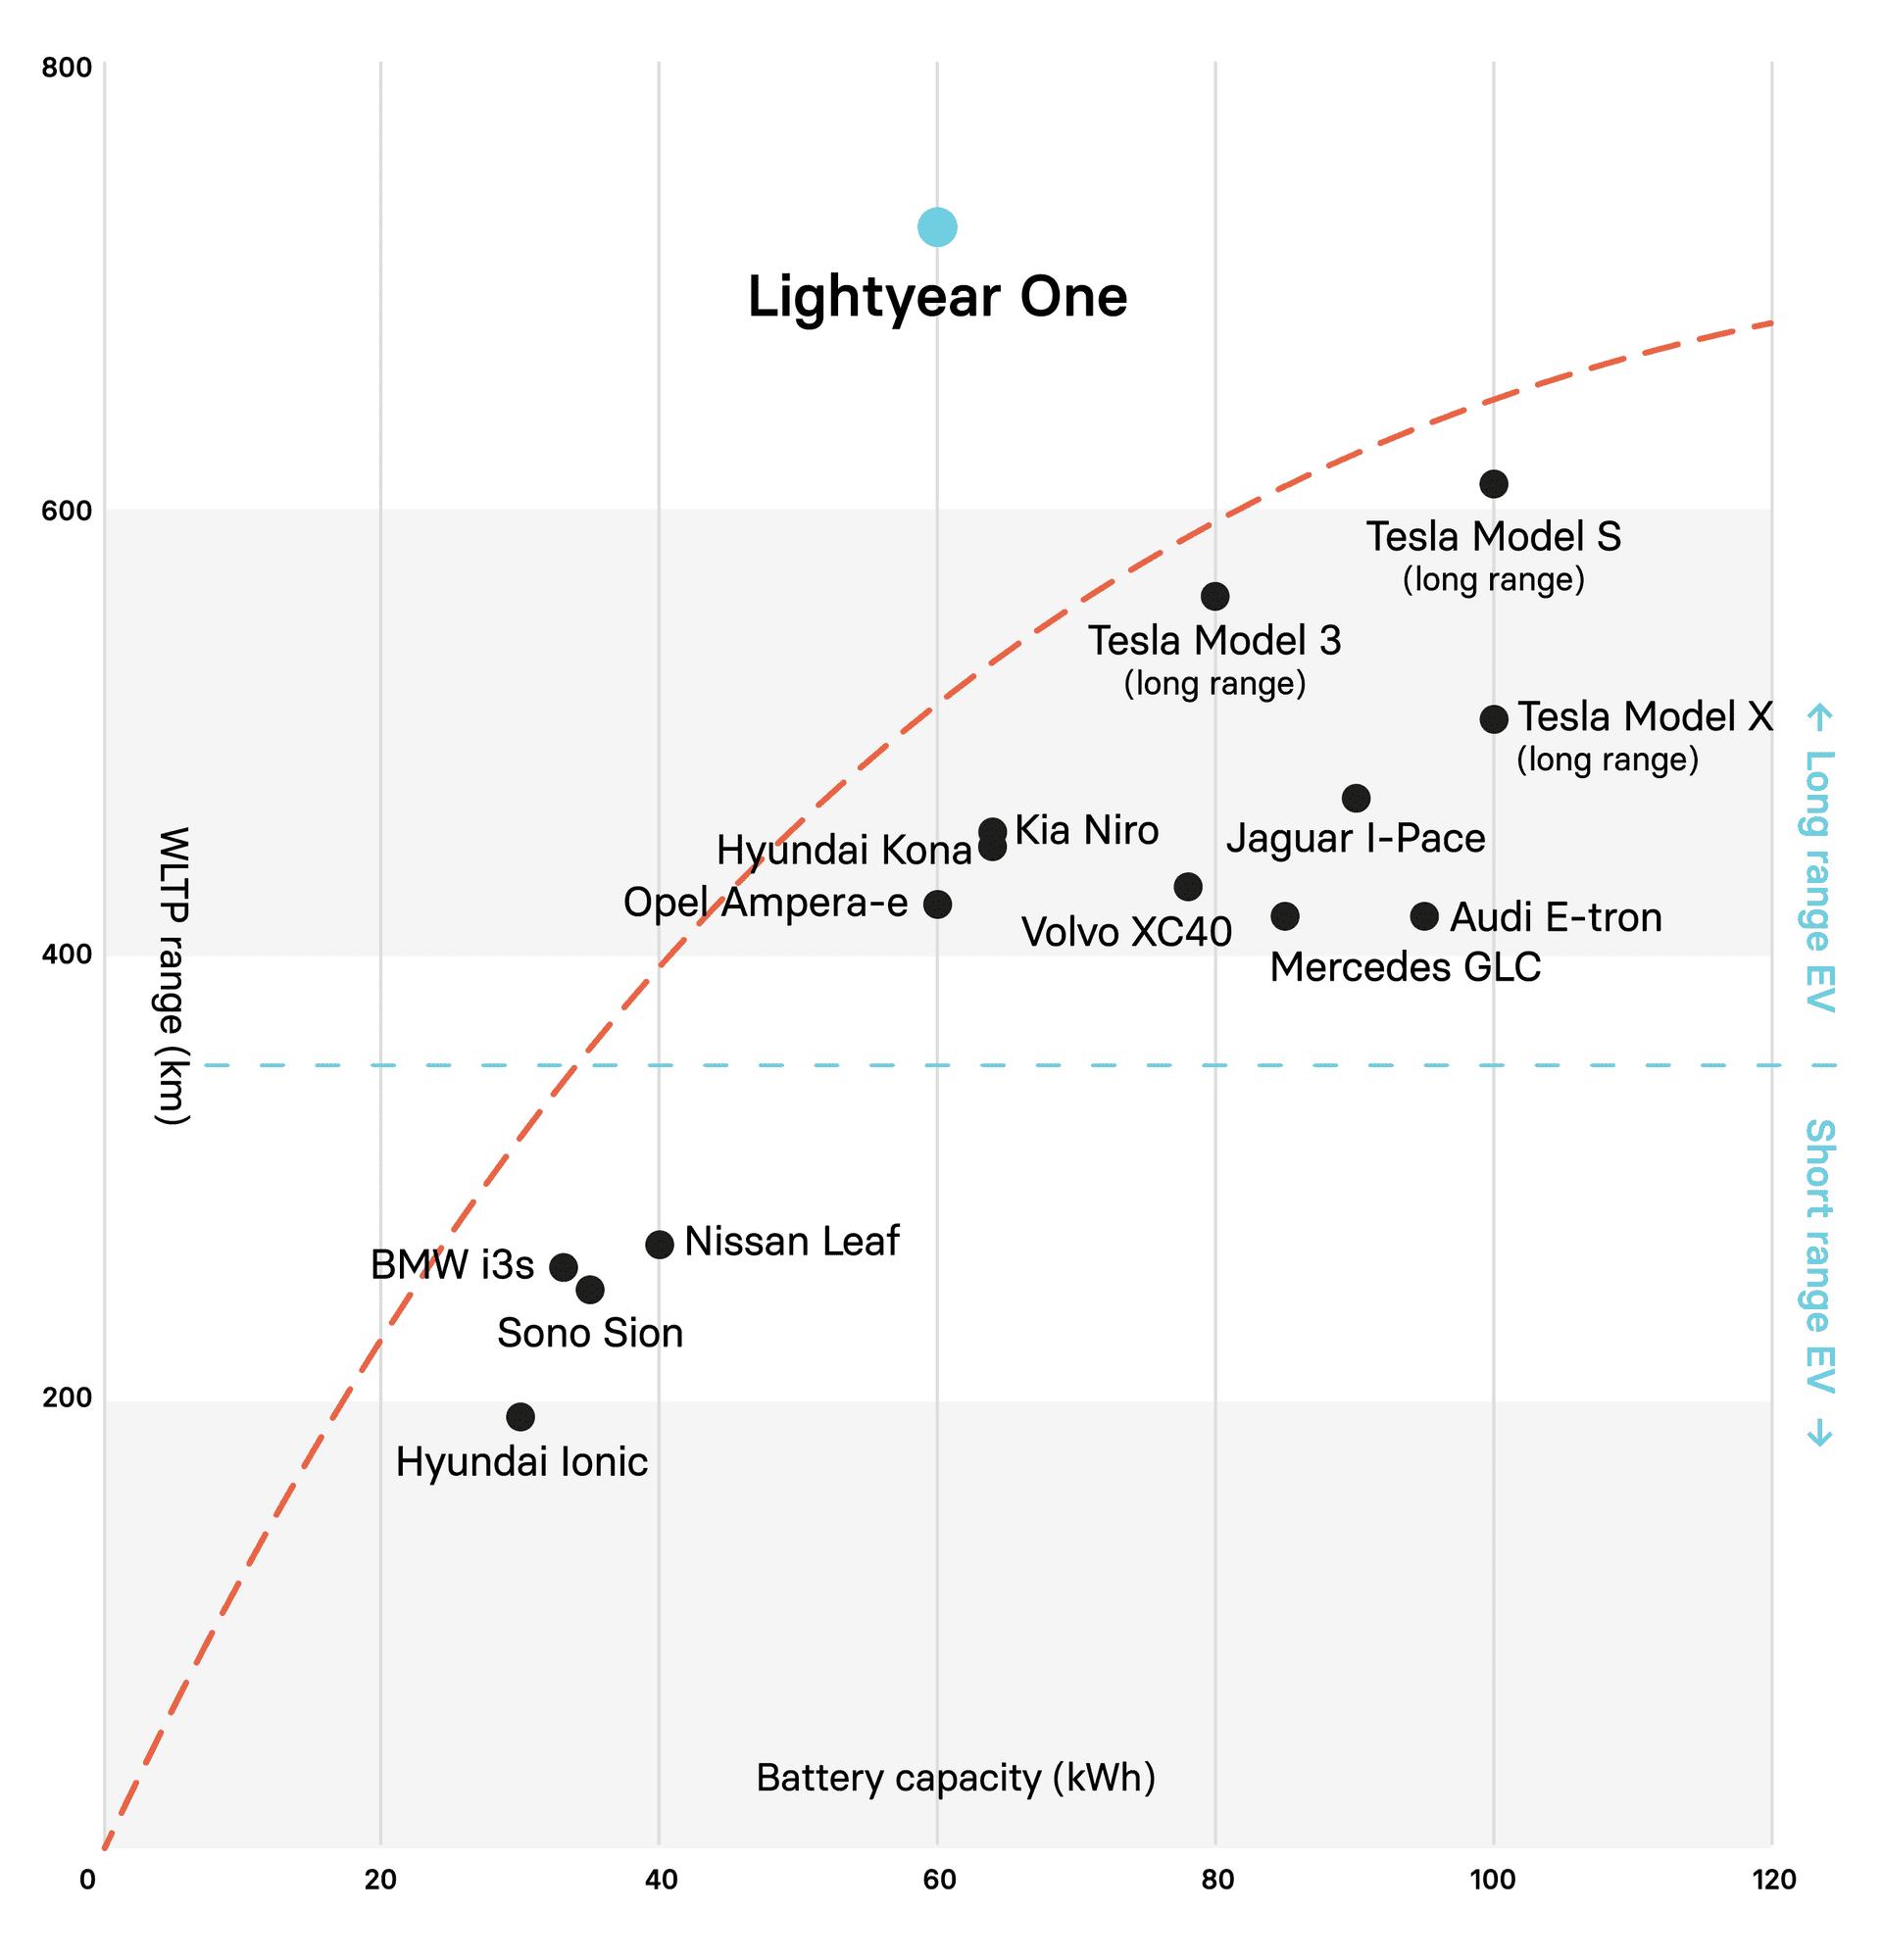 WLTP Range Lightyear One